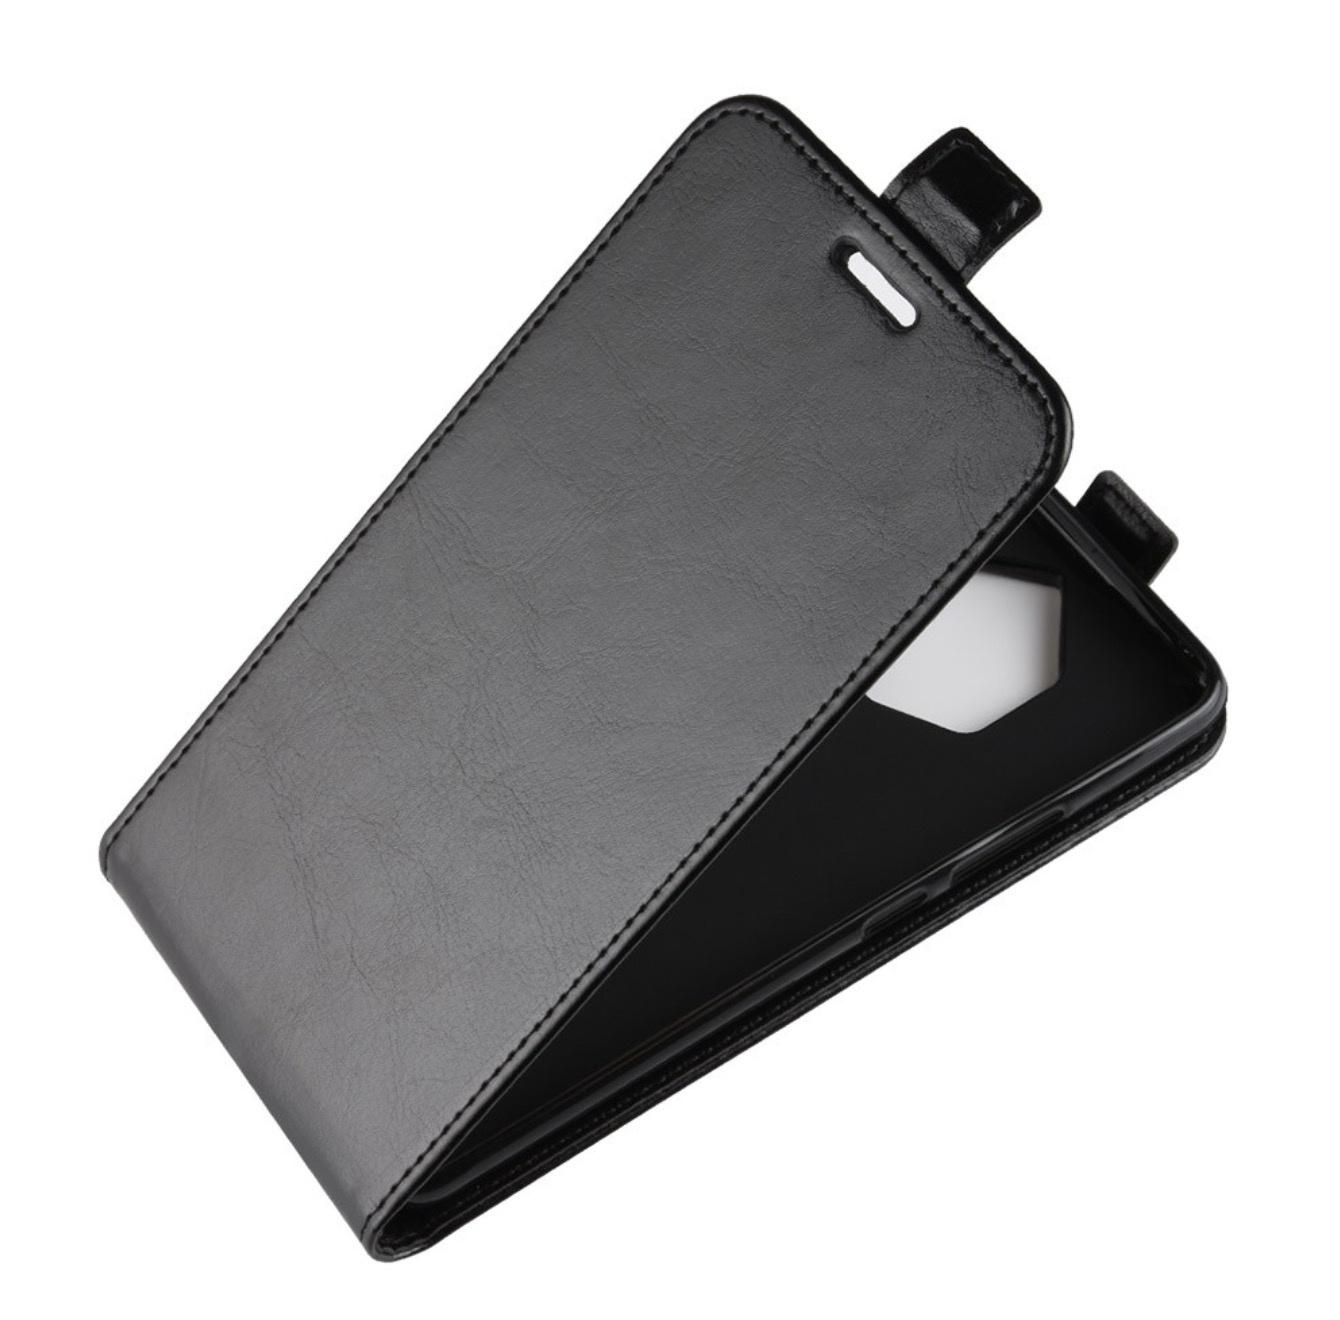 Чехол-флип MyPads для Elephone P7000 вертикальный откидной черный